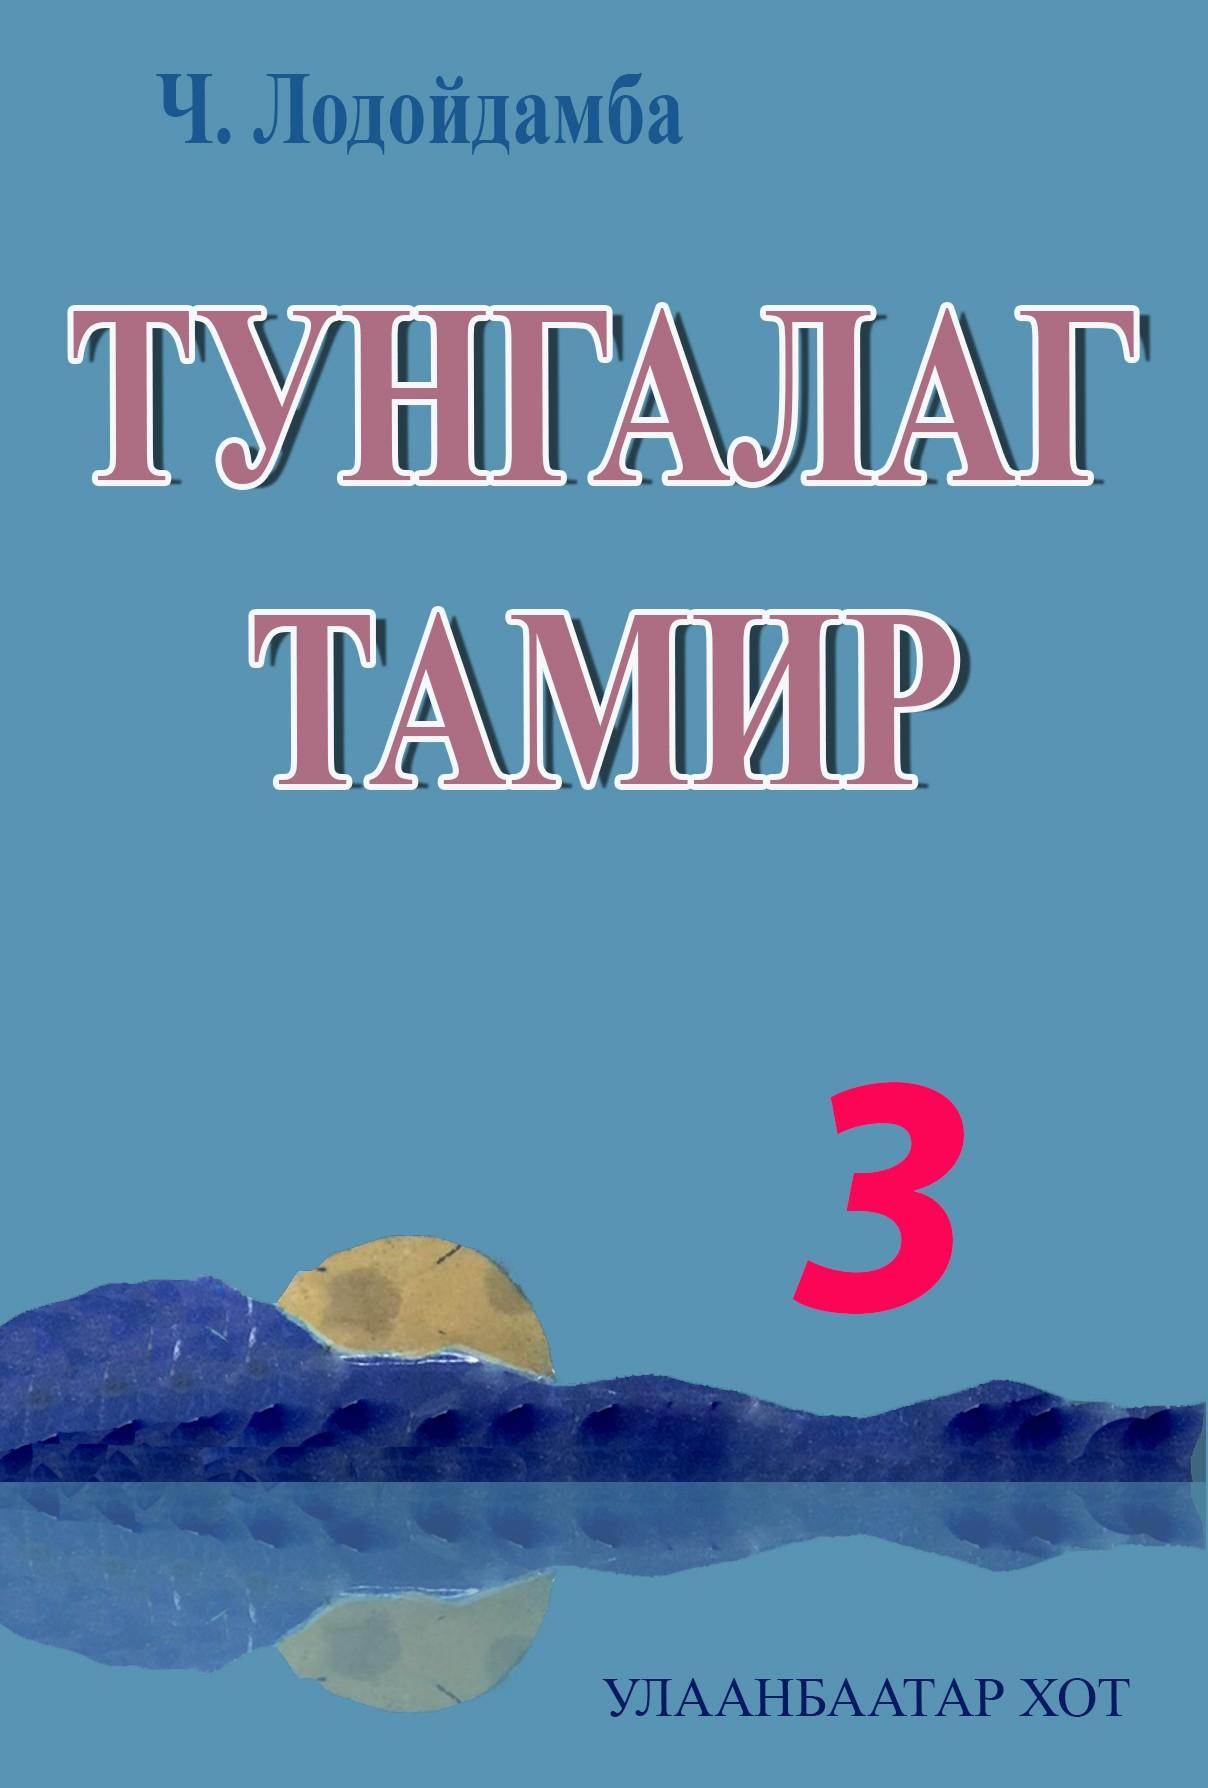 ТУНГАЛАГ ТАМИР 3